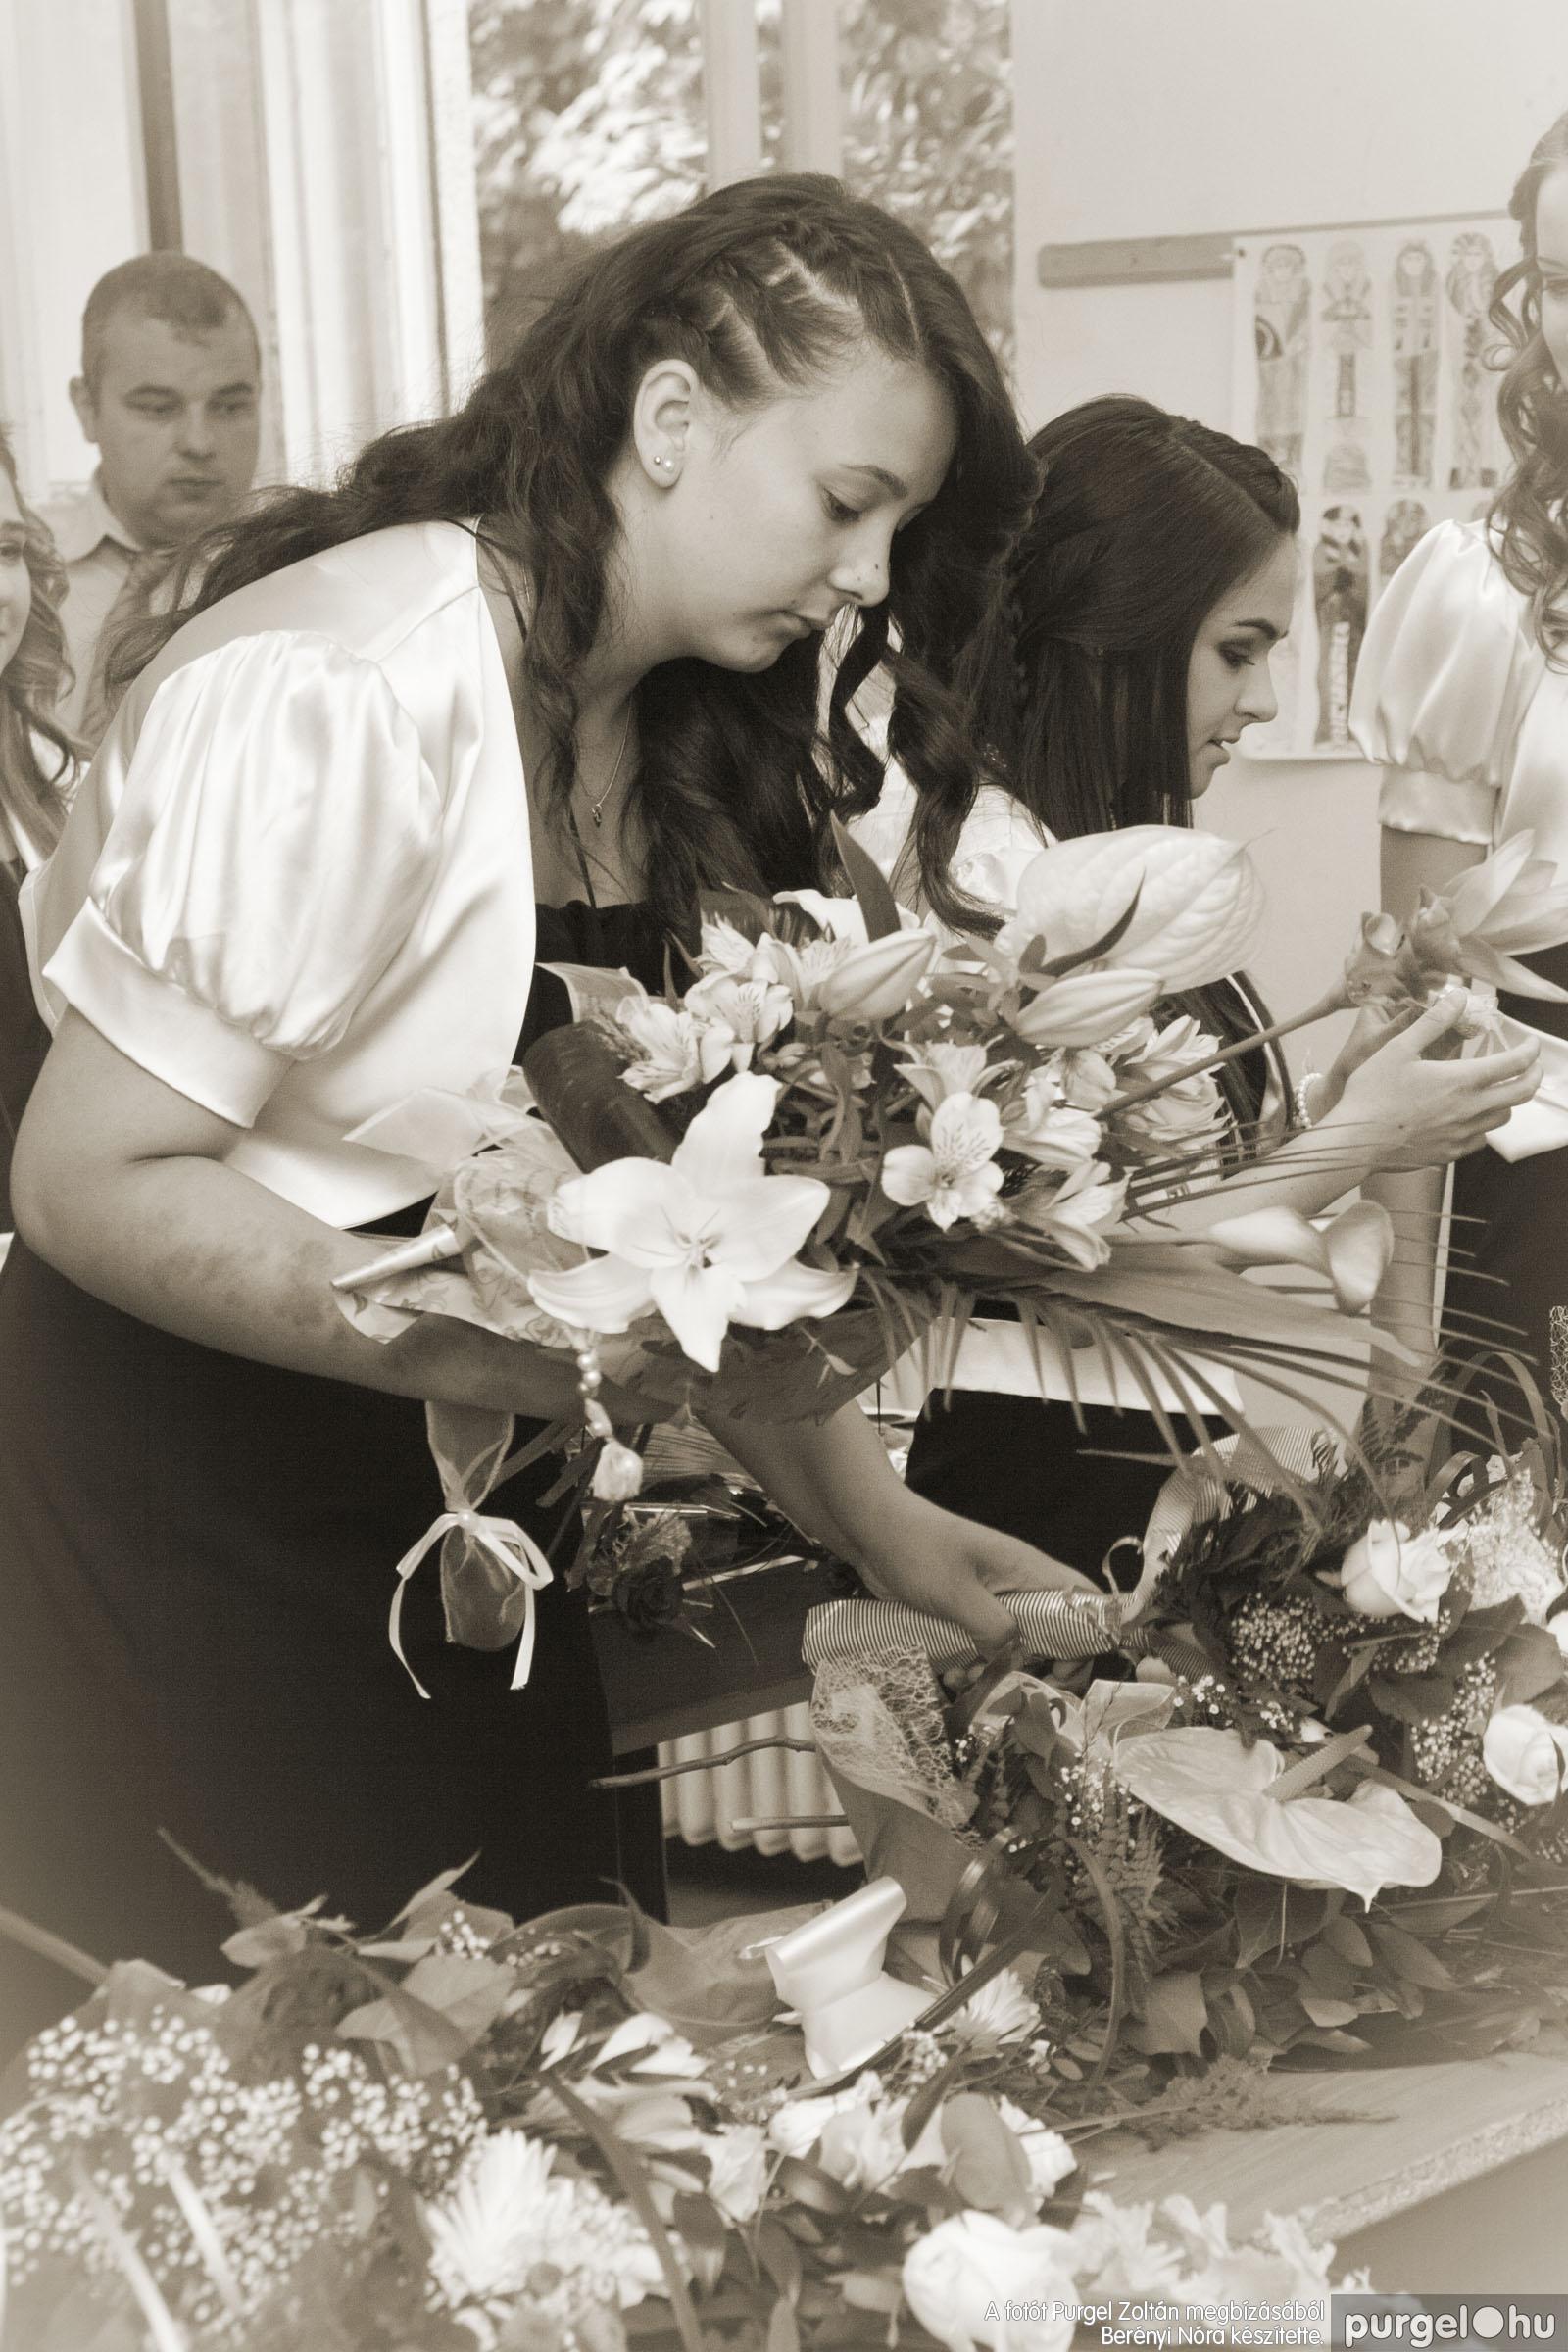 2014.06.14. 053 Forray Máté Általános Iskola ballagás 2014. - Fotó:BERÉNYI NÓRA© _MG_5605.jpg